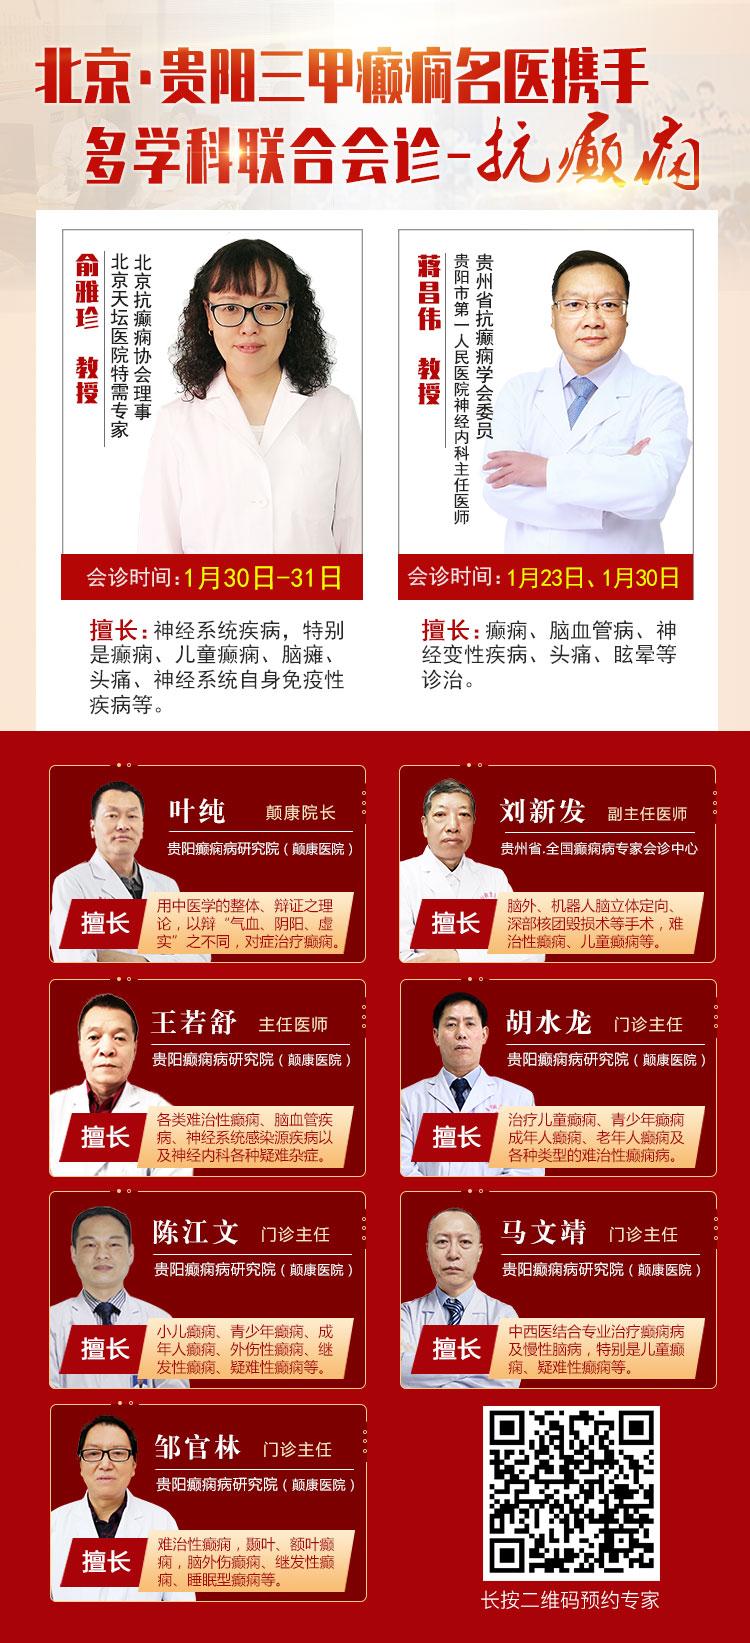 好消息!贵州省癫痫病友康复会成立了!快来加入领福利吧!